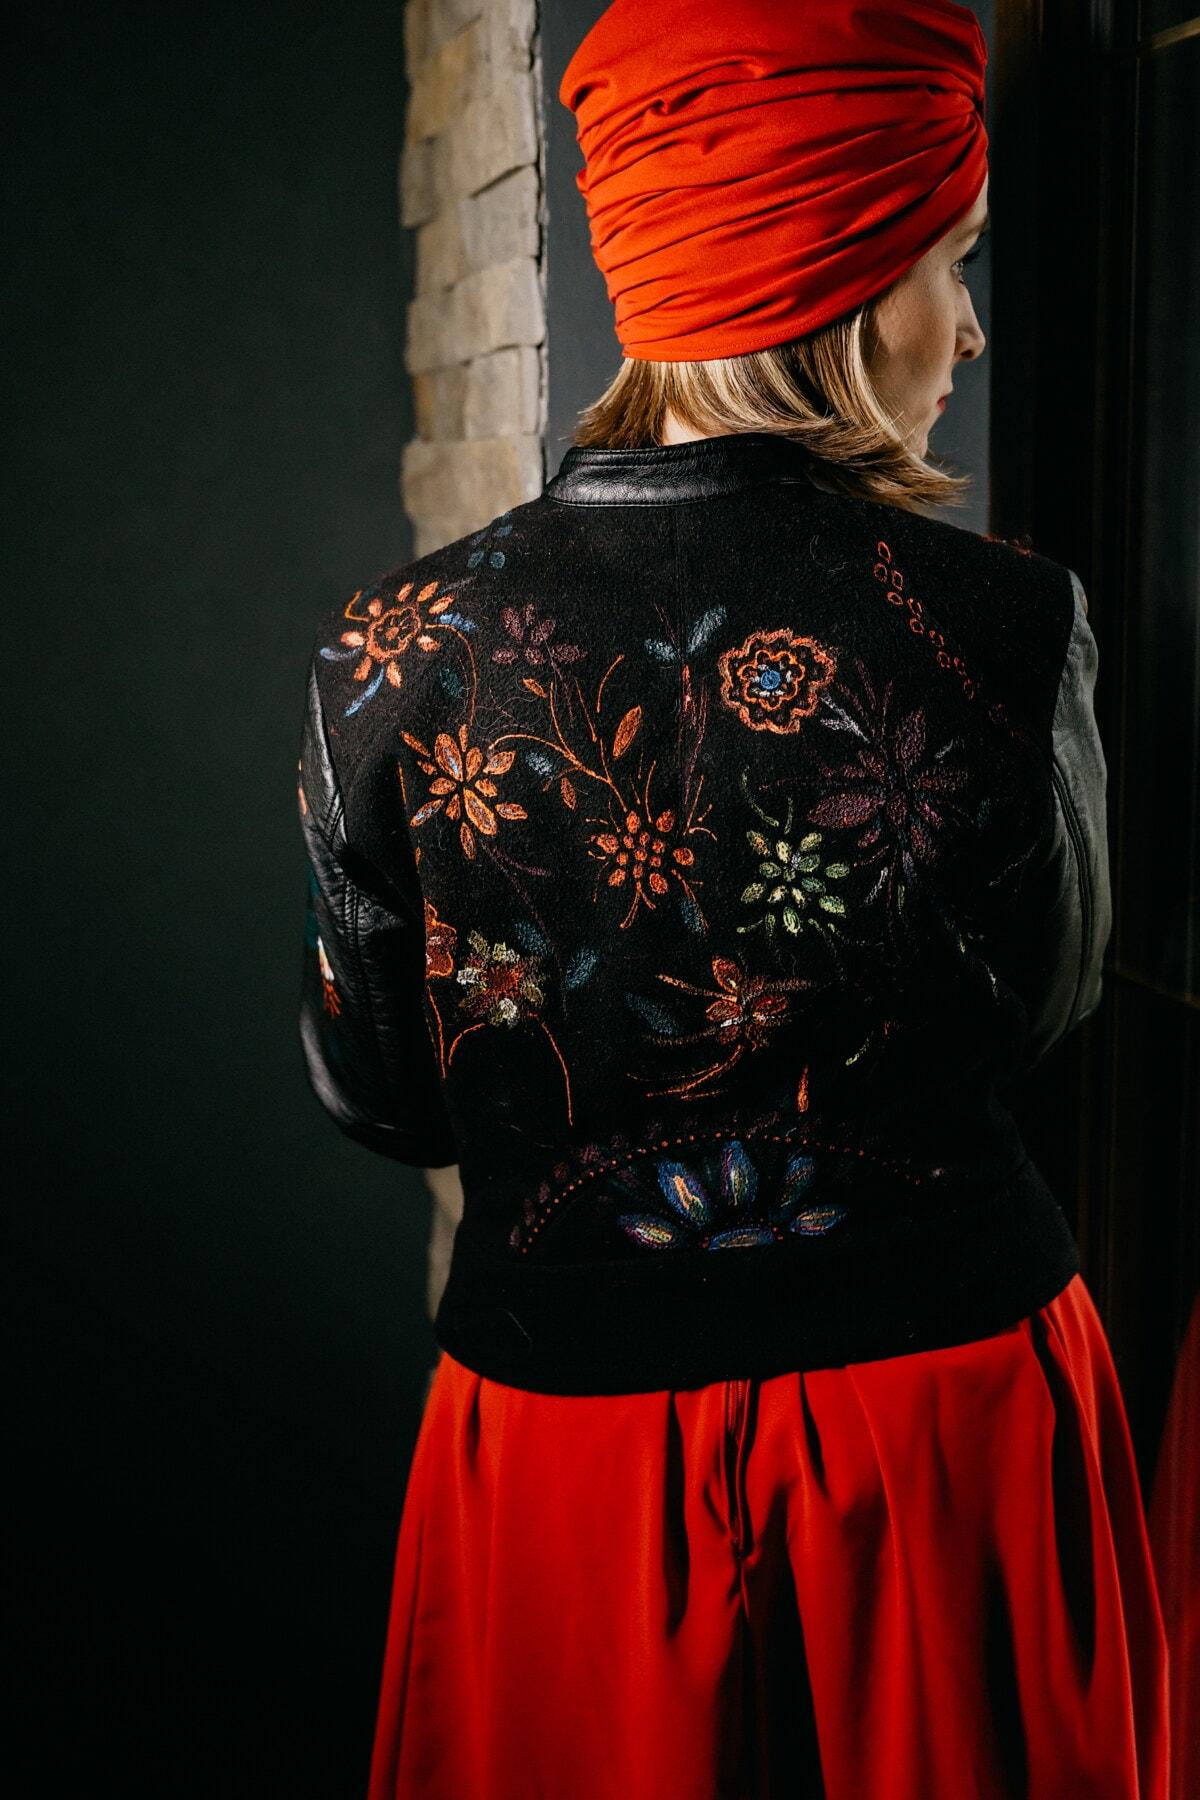 siyah, ceket, bağbozumu, deri, poz, çekicilik, moda, genç kadın, portre, kız